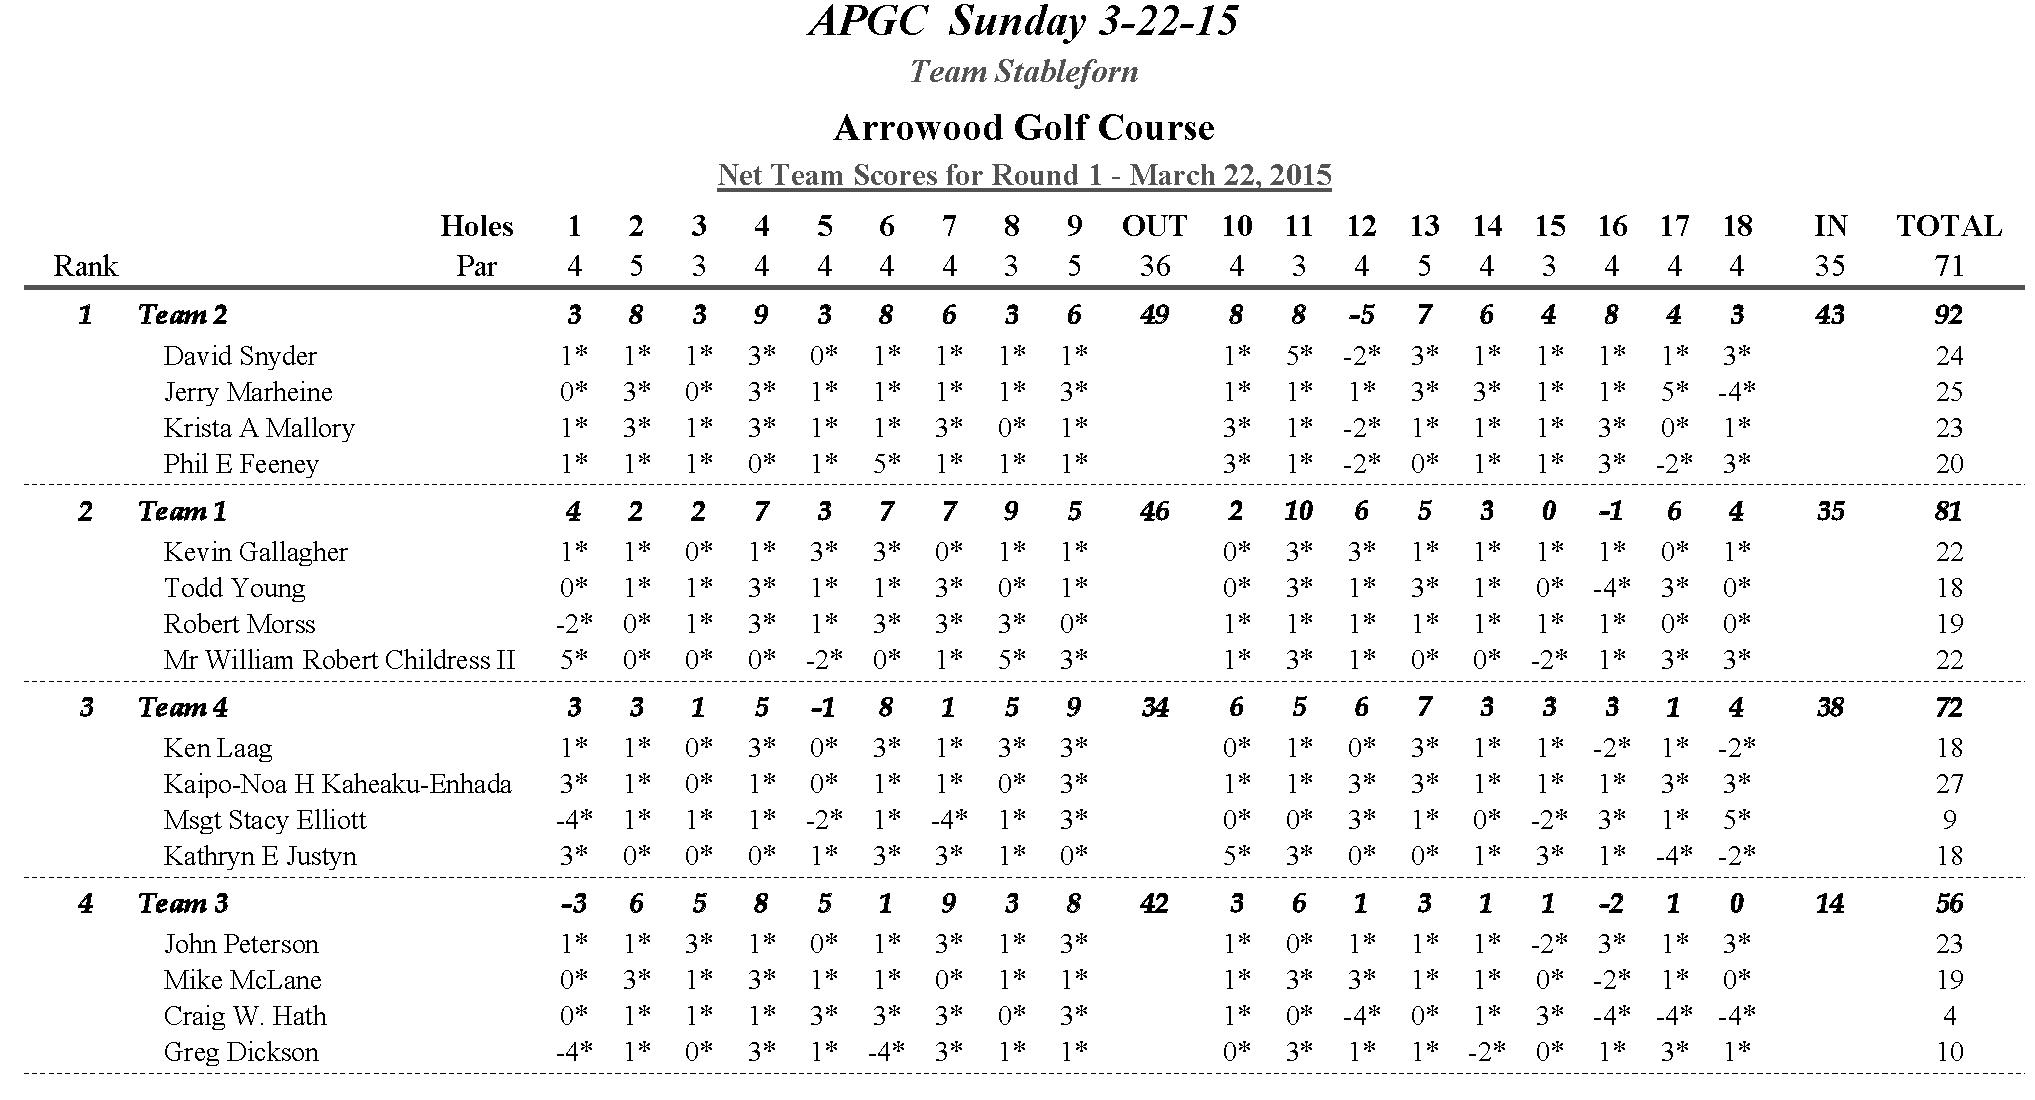 APGC 3-22-15